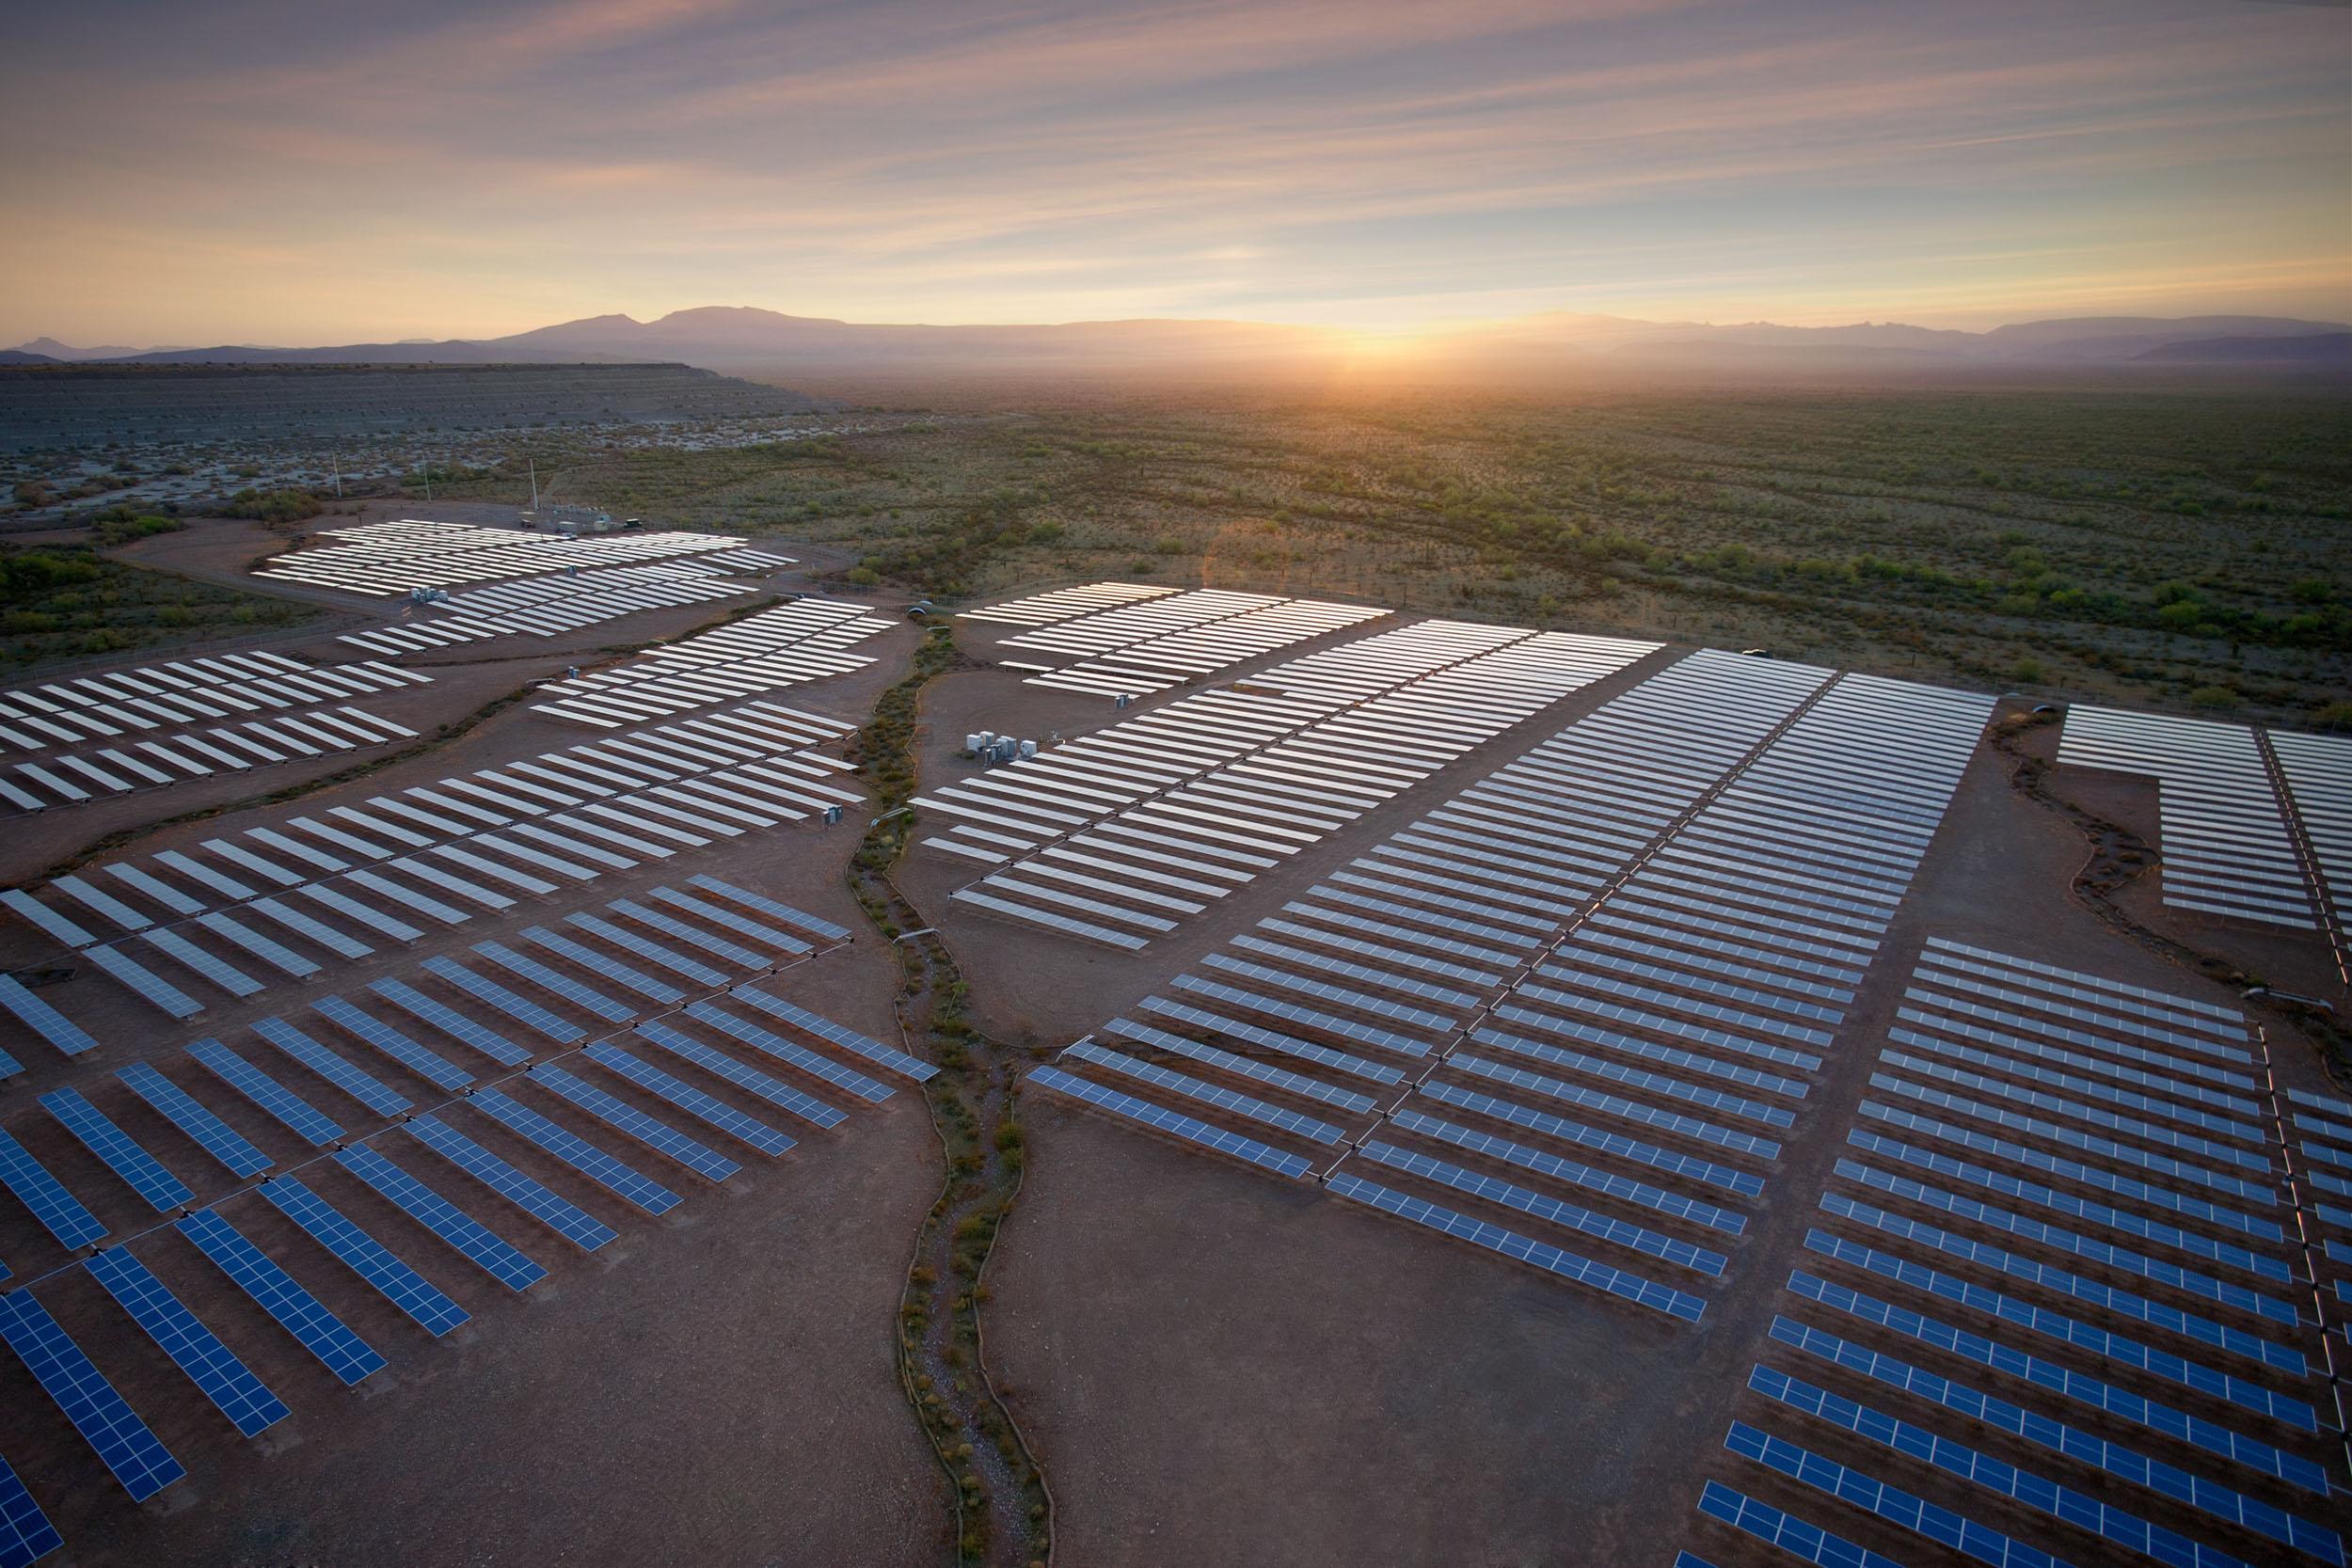 19_aerial_drone_solar_energy_photographer.jpg